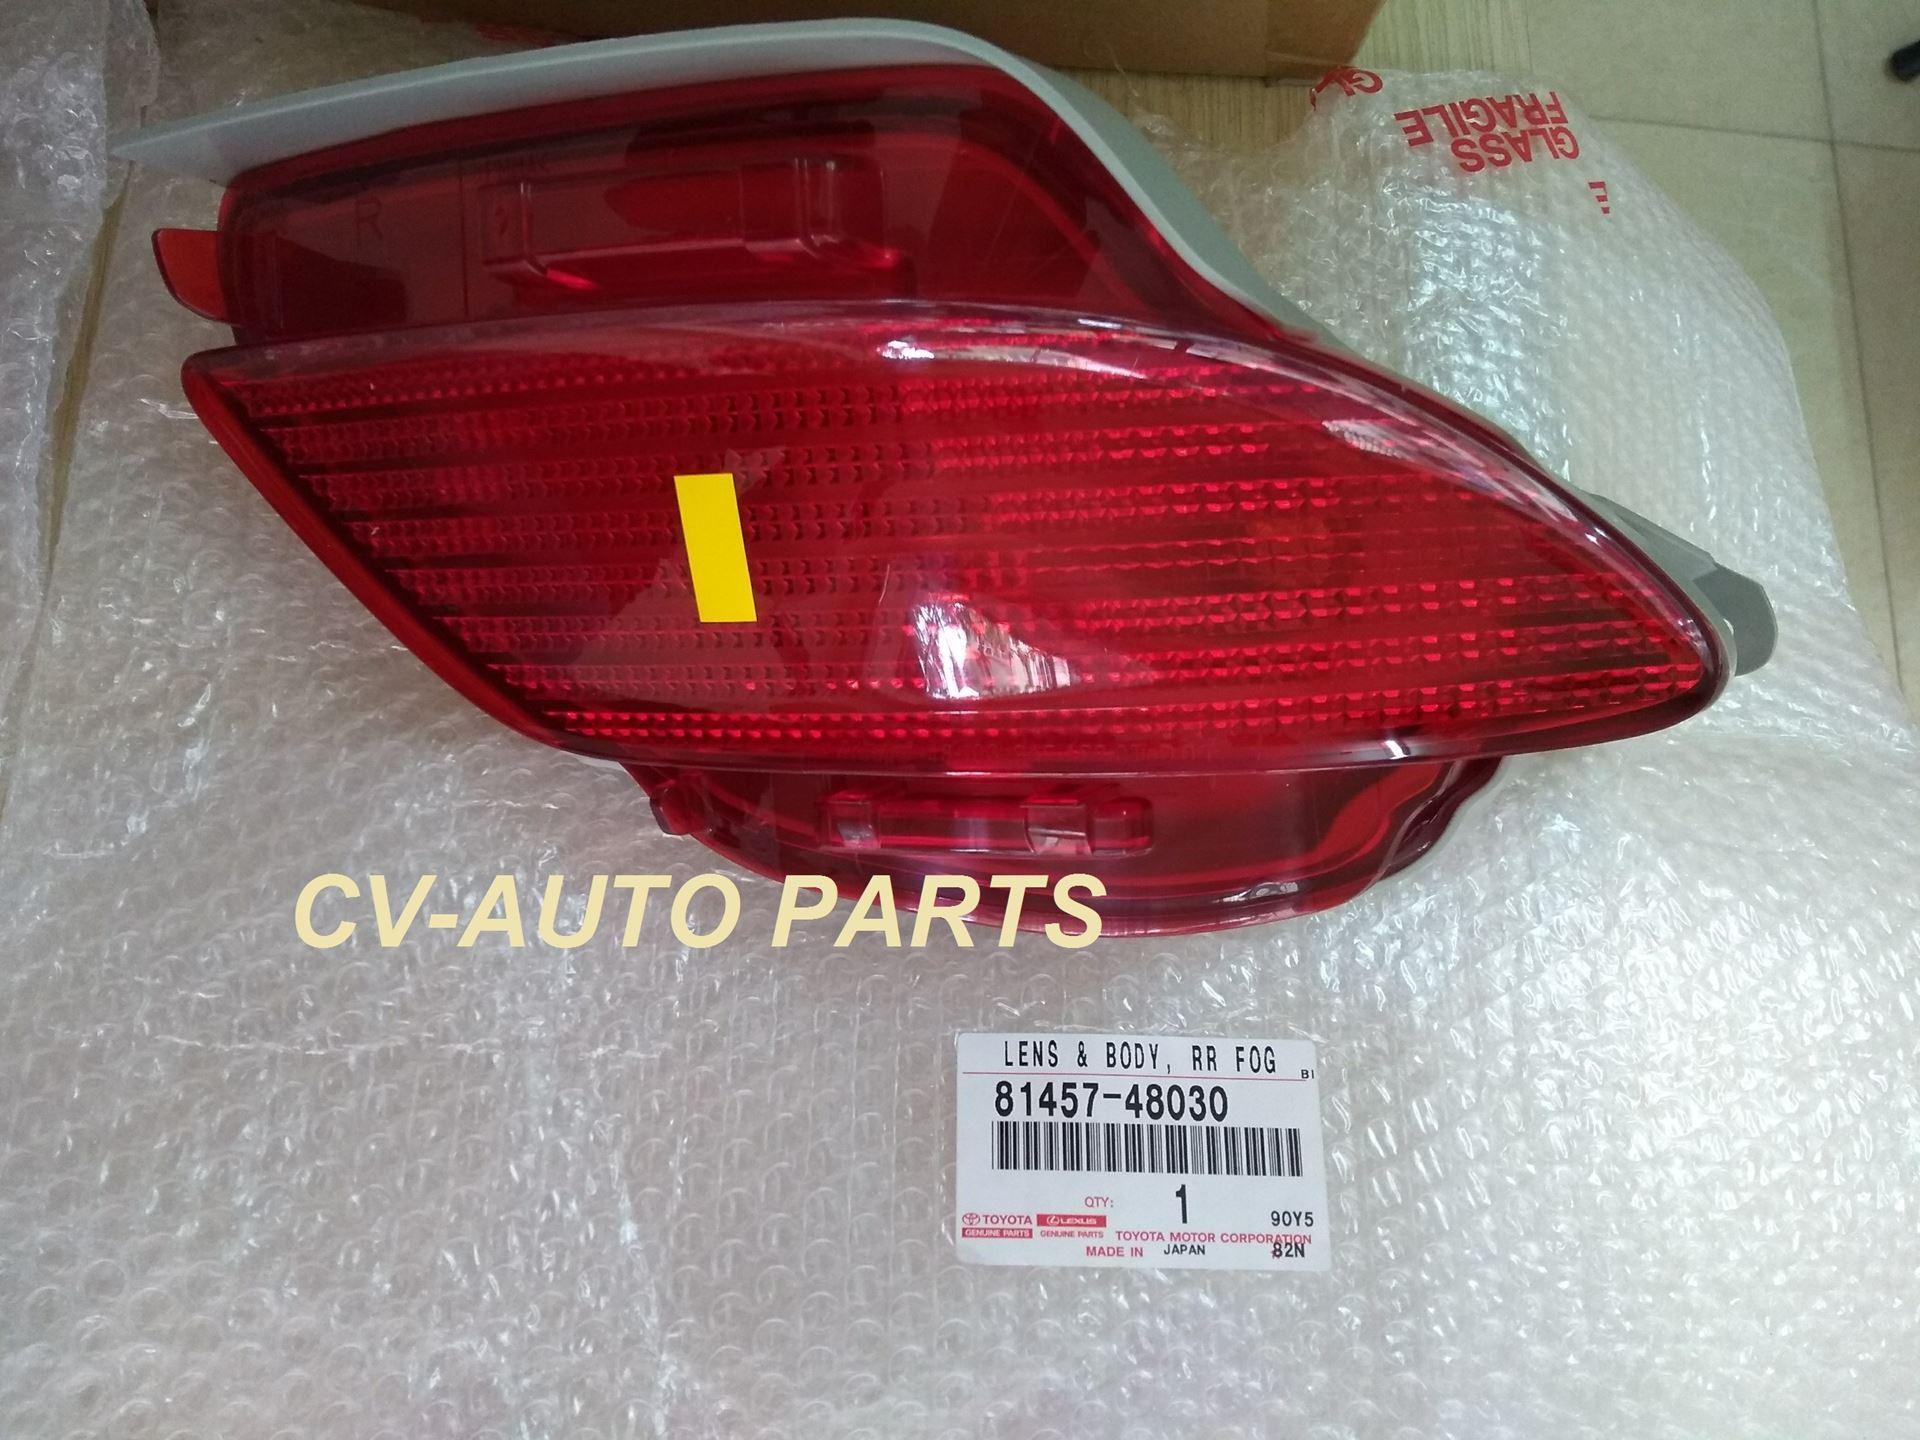 Picture of 81457-48030 Đèn phản quang, đèn cản sau Lexus RX350 RX450H chính hãng